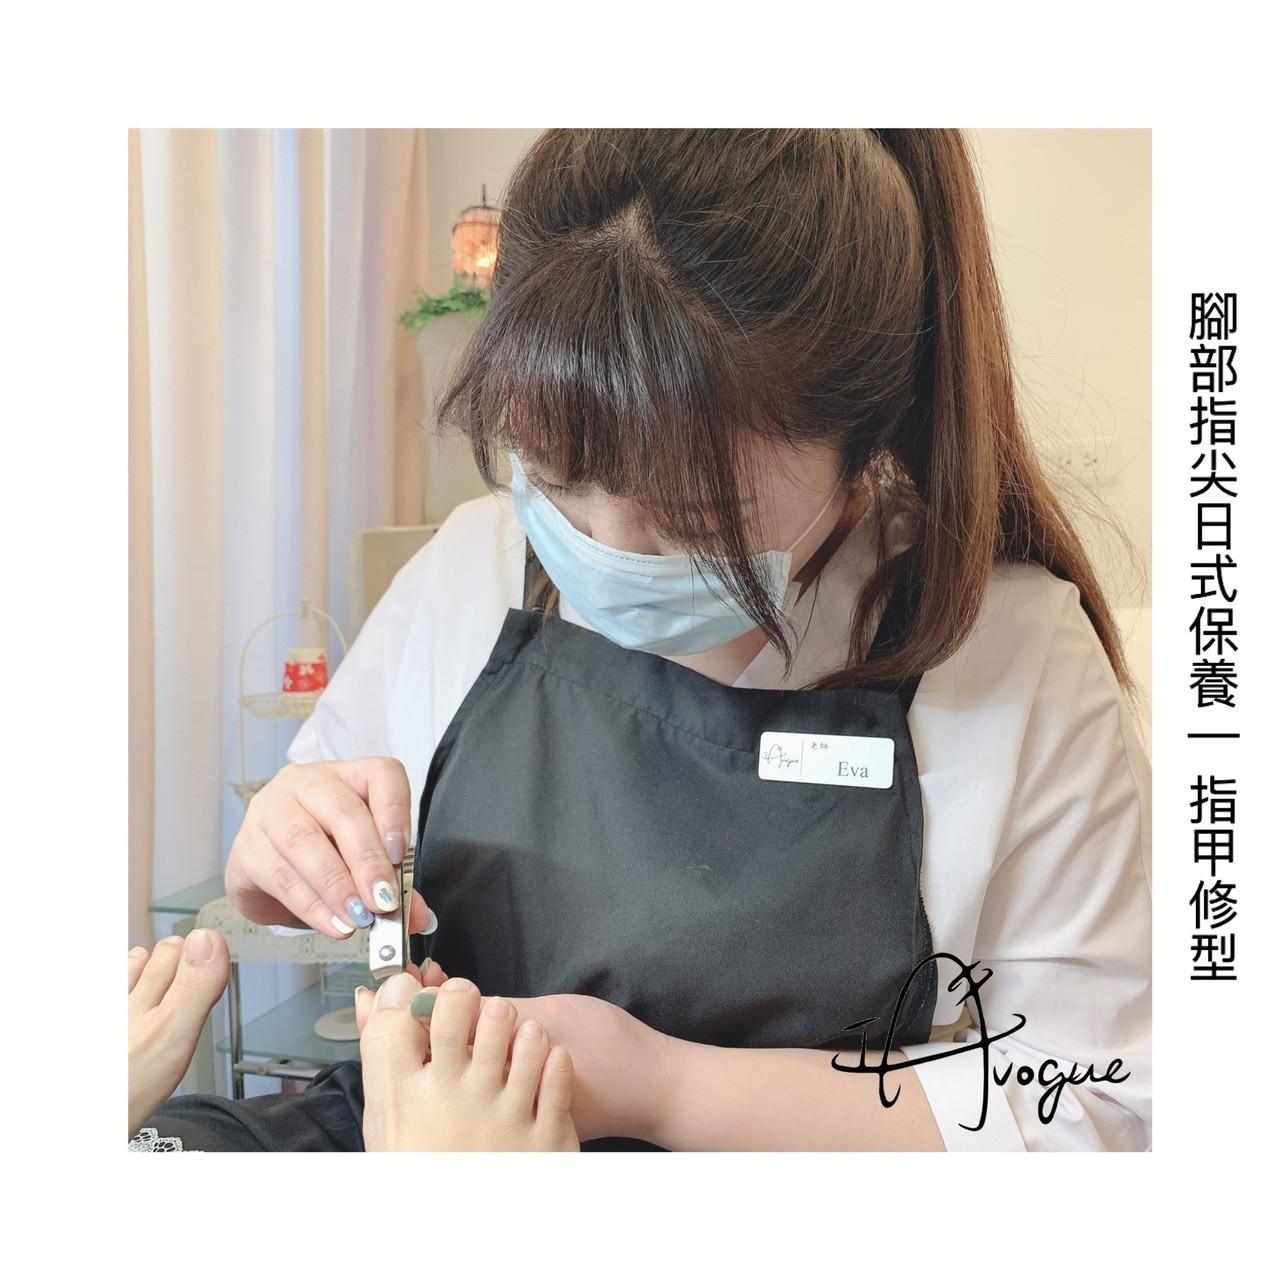 腳底指甲修整形狀,台北手足保養推薦-IA專業美睫設計